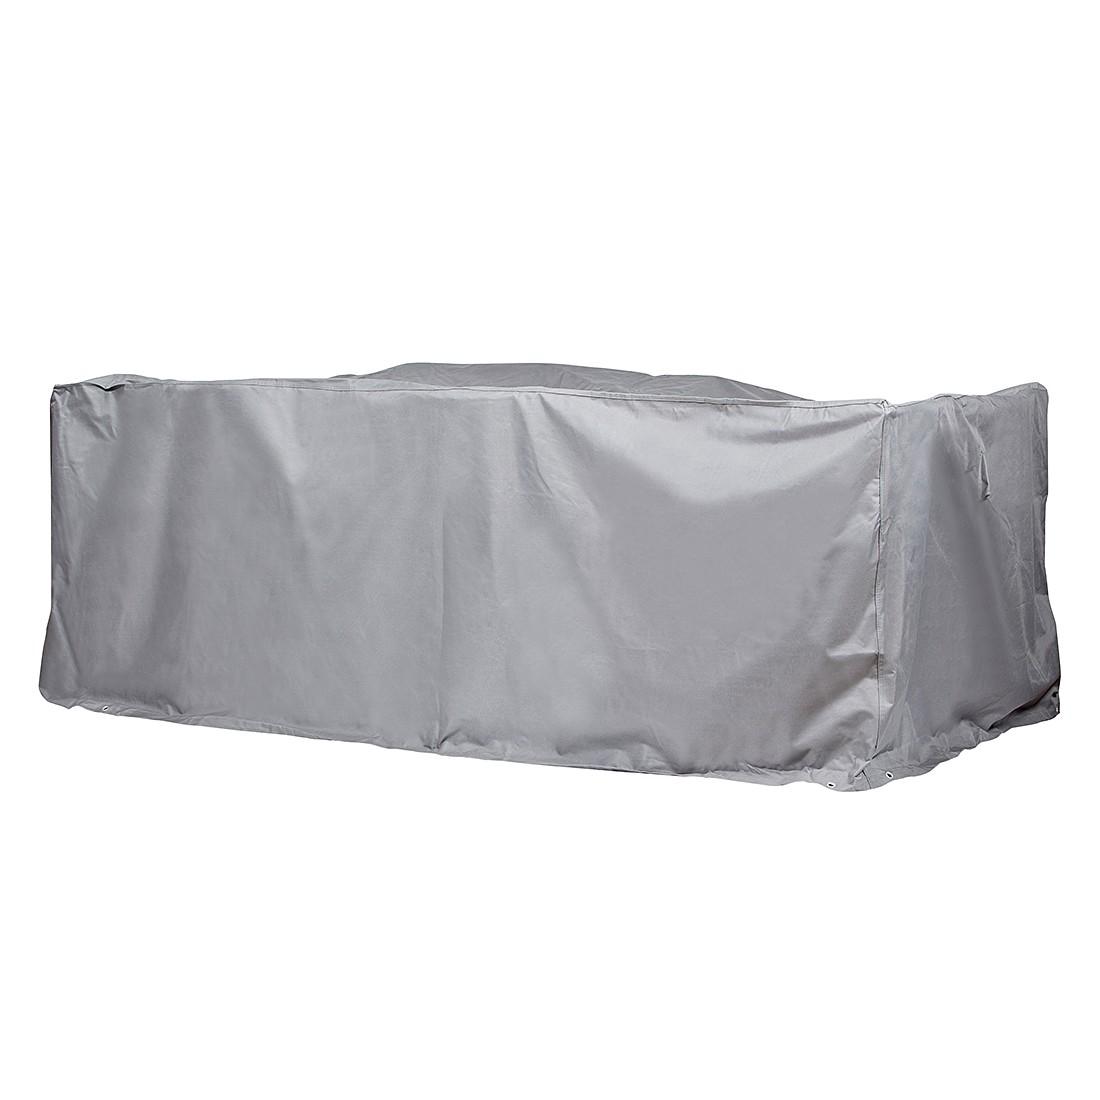 Schutzhülle Premium für rechteckige Sitzgruppe (200 x 160 cm) - Polyester, mehr Garten